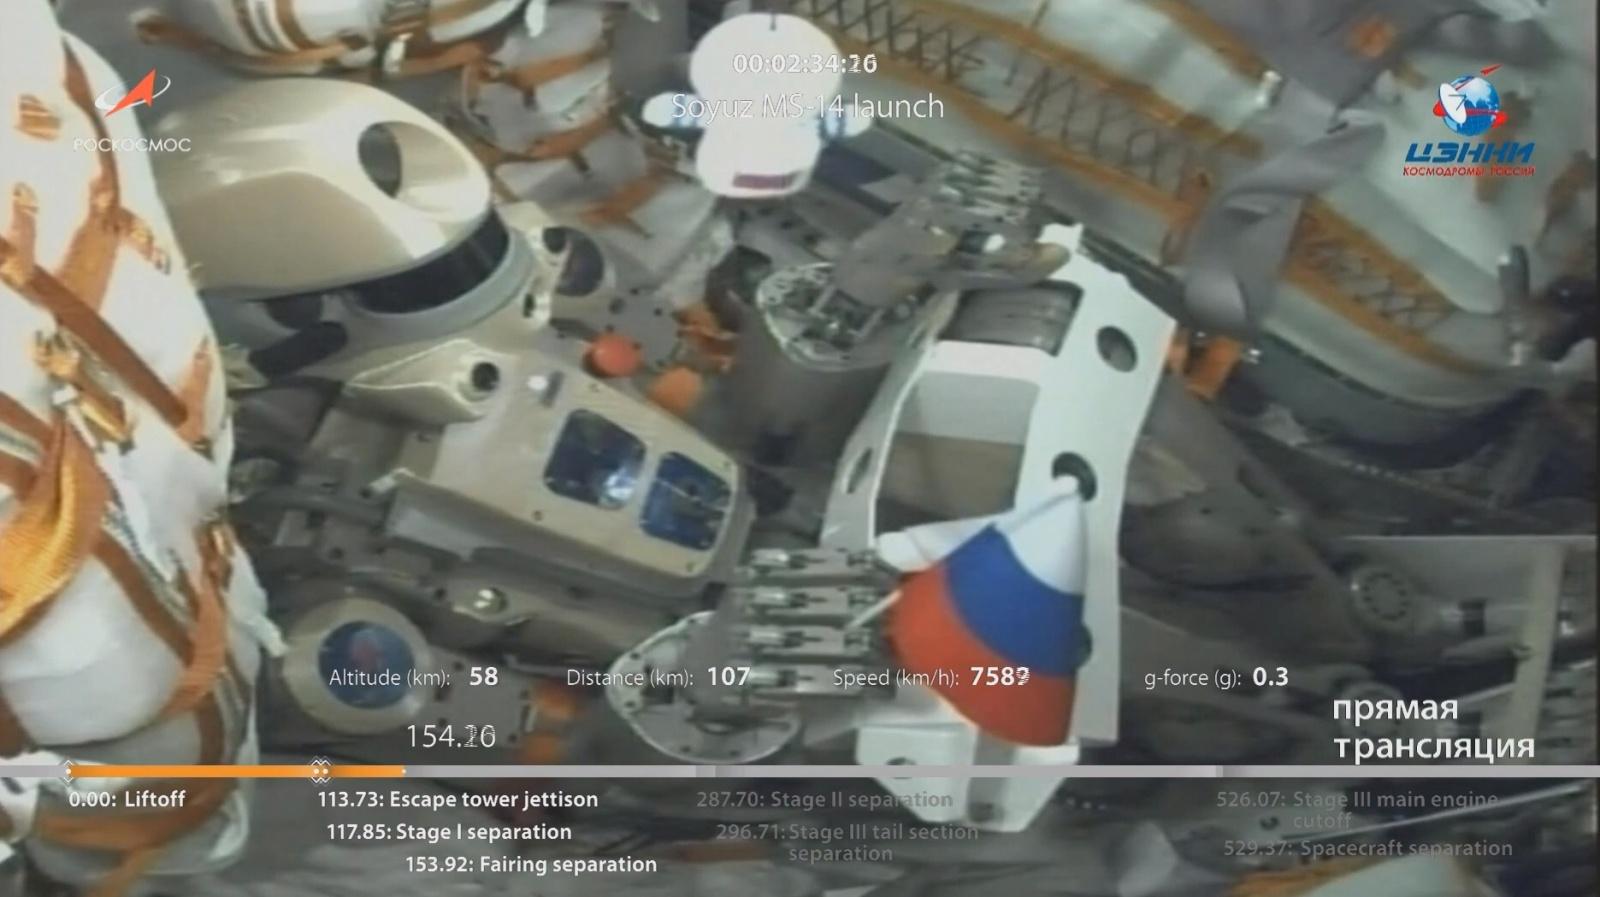 Успешно запущен на орбиту корабль «Союз МС-14» с роботом FEDOR (Skybot F-850) - 7